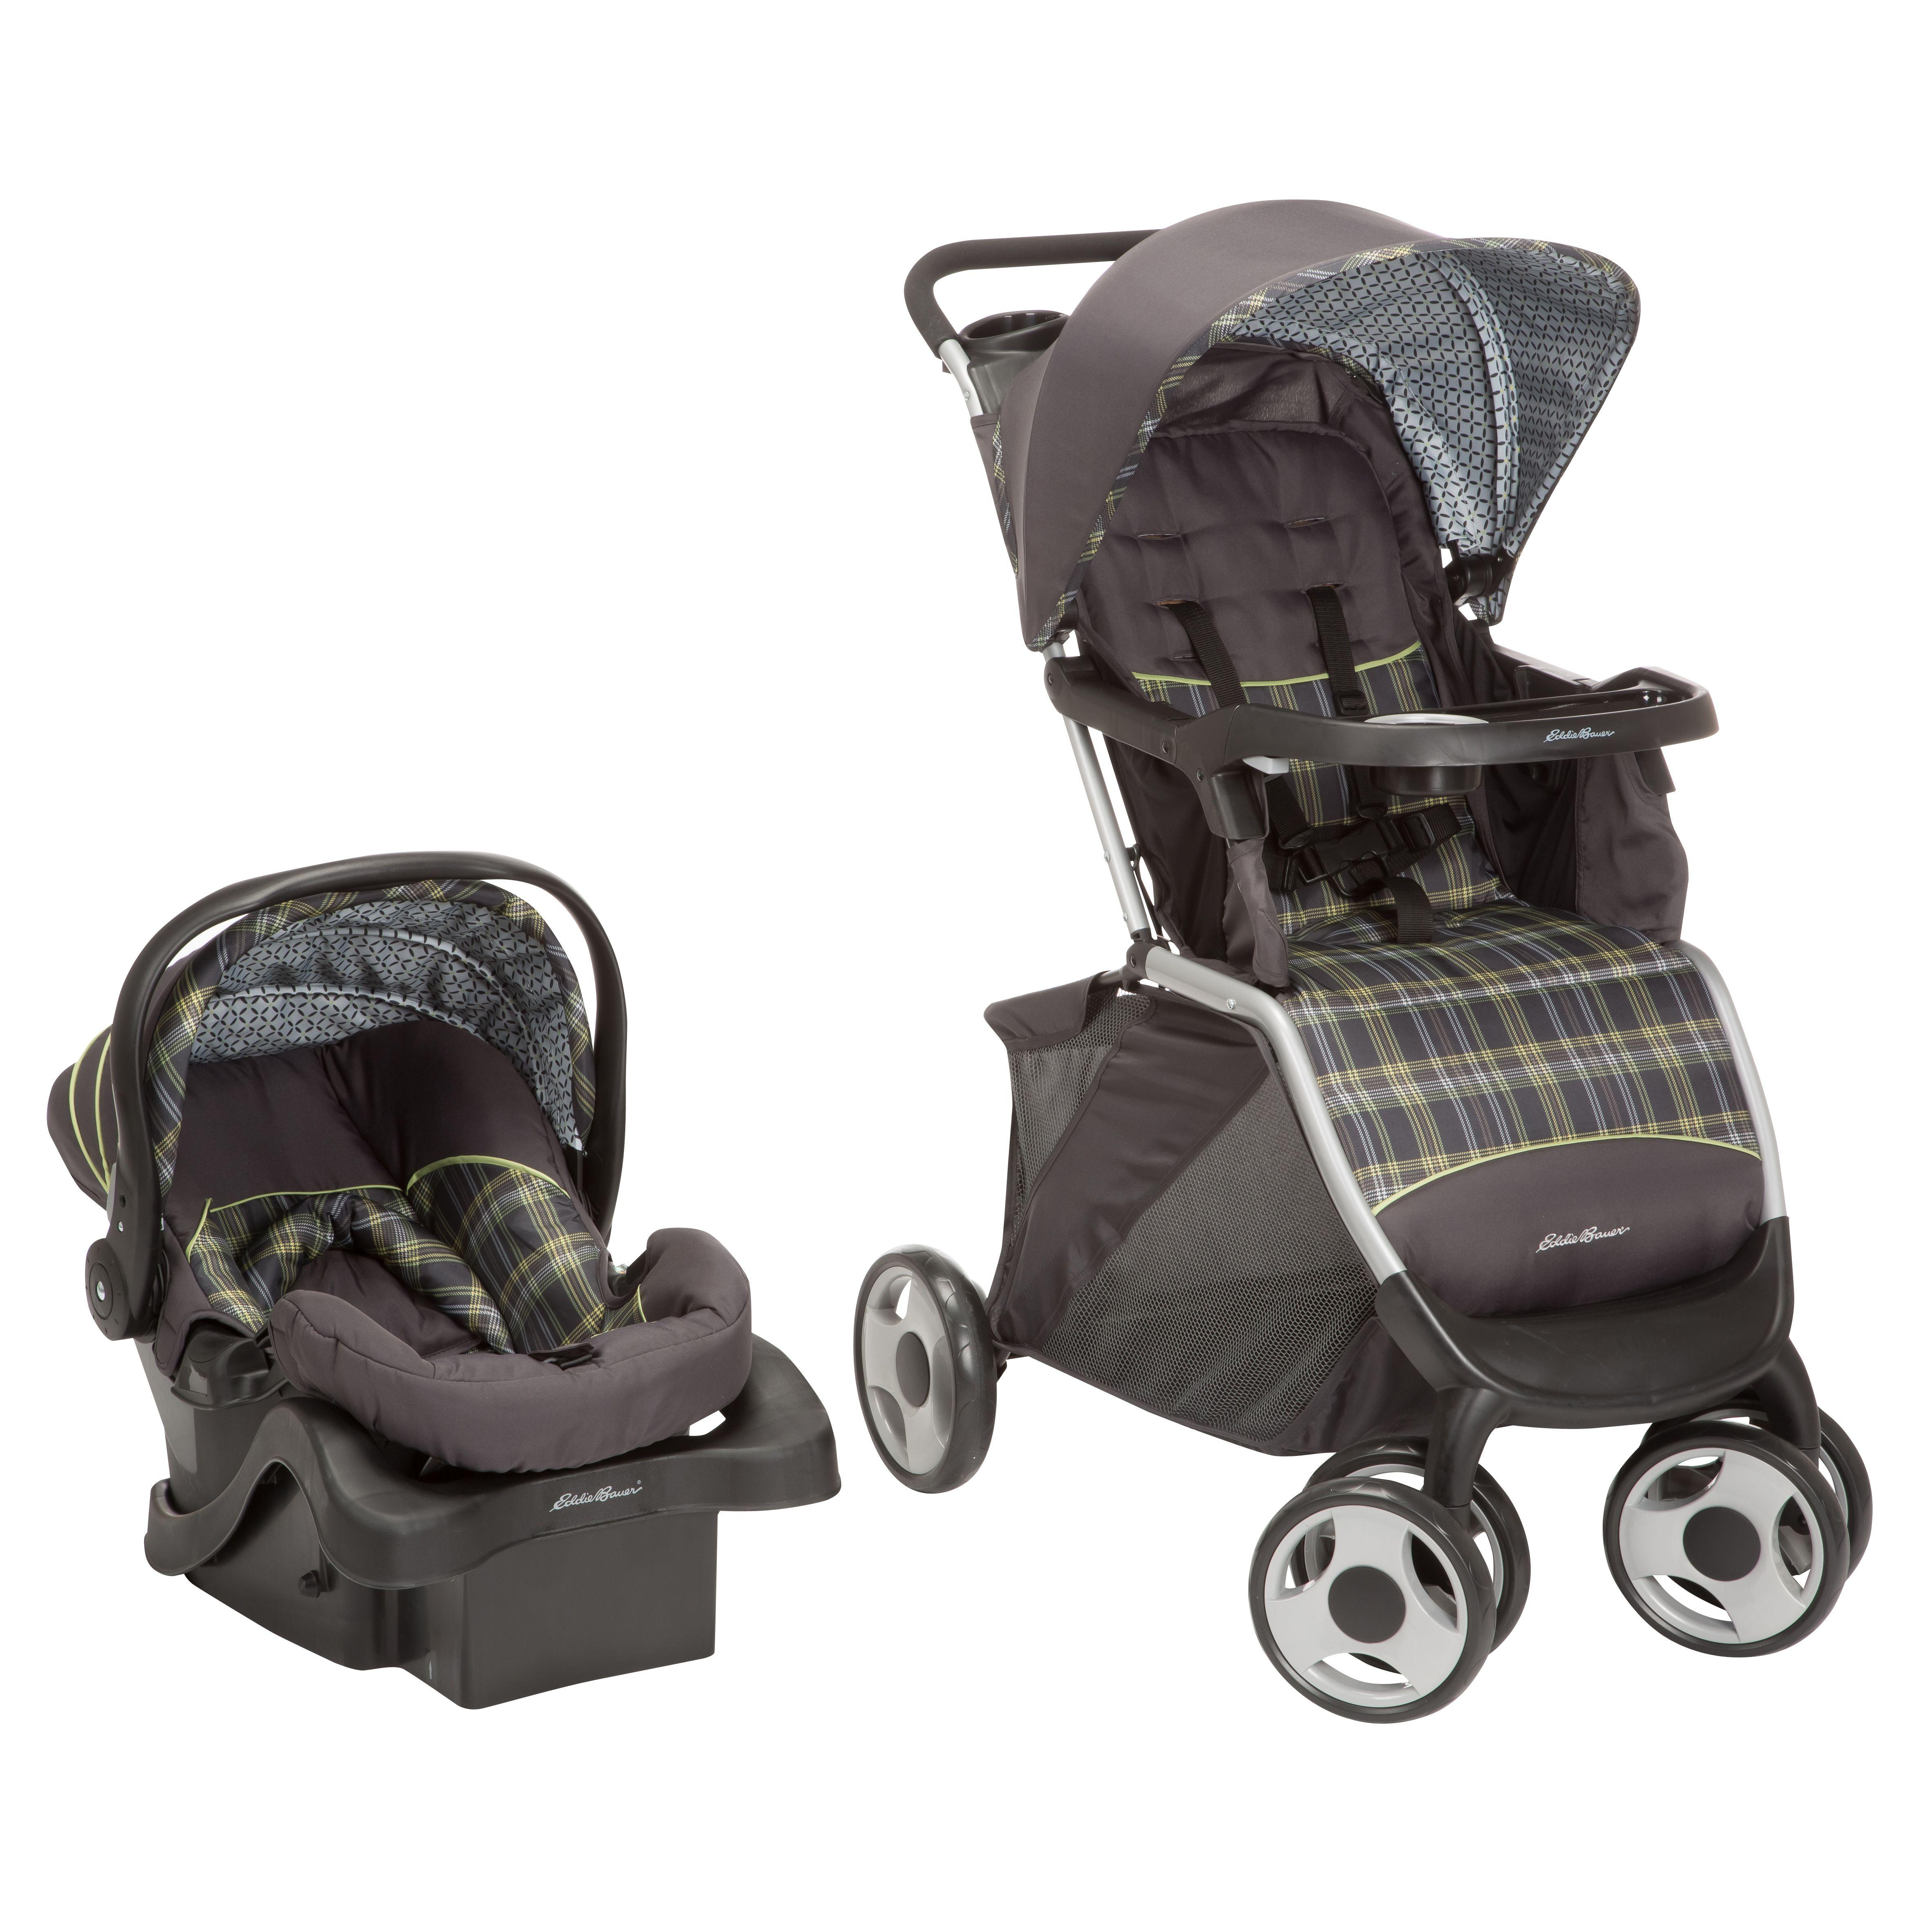 Einfache Babies R Us Kinderwagen Autositz Combo Auf Kleine